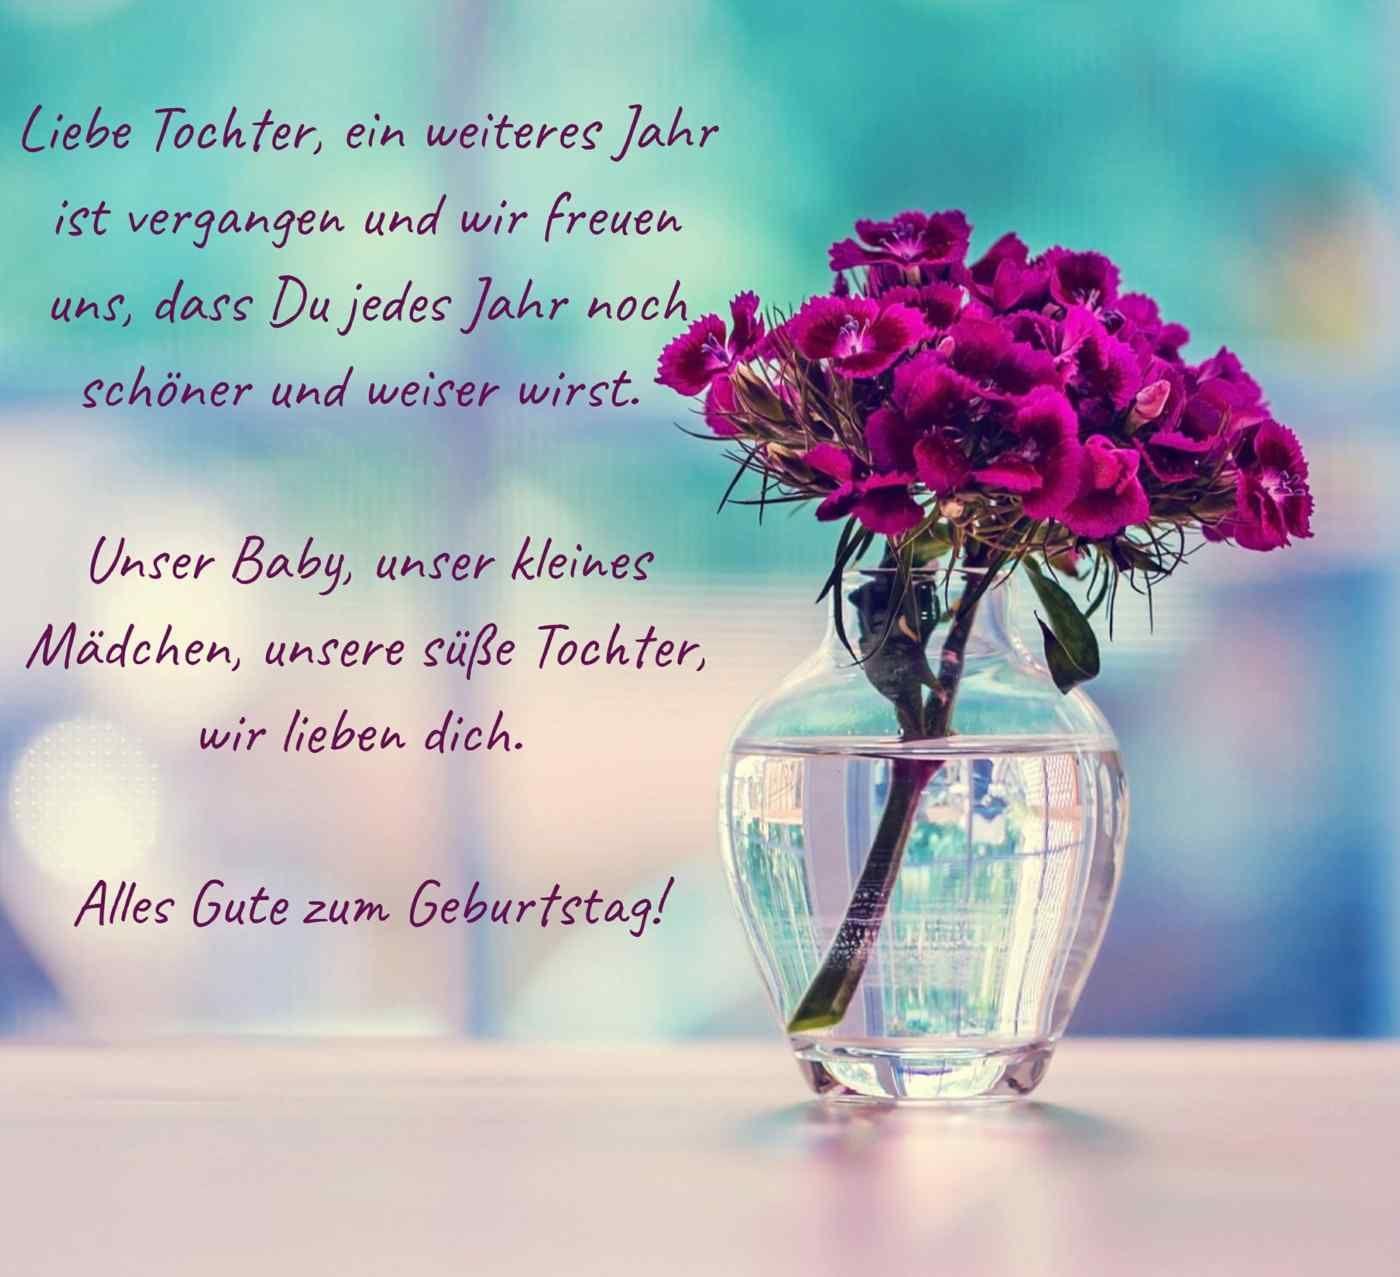 40 Freundschaftsspruche Und Zitate Uber Freundschaft Fur Beste Freunde Geburtstagswunsche Tochter Geburtstagswunsche Schone Spruche Geburtstag